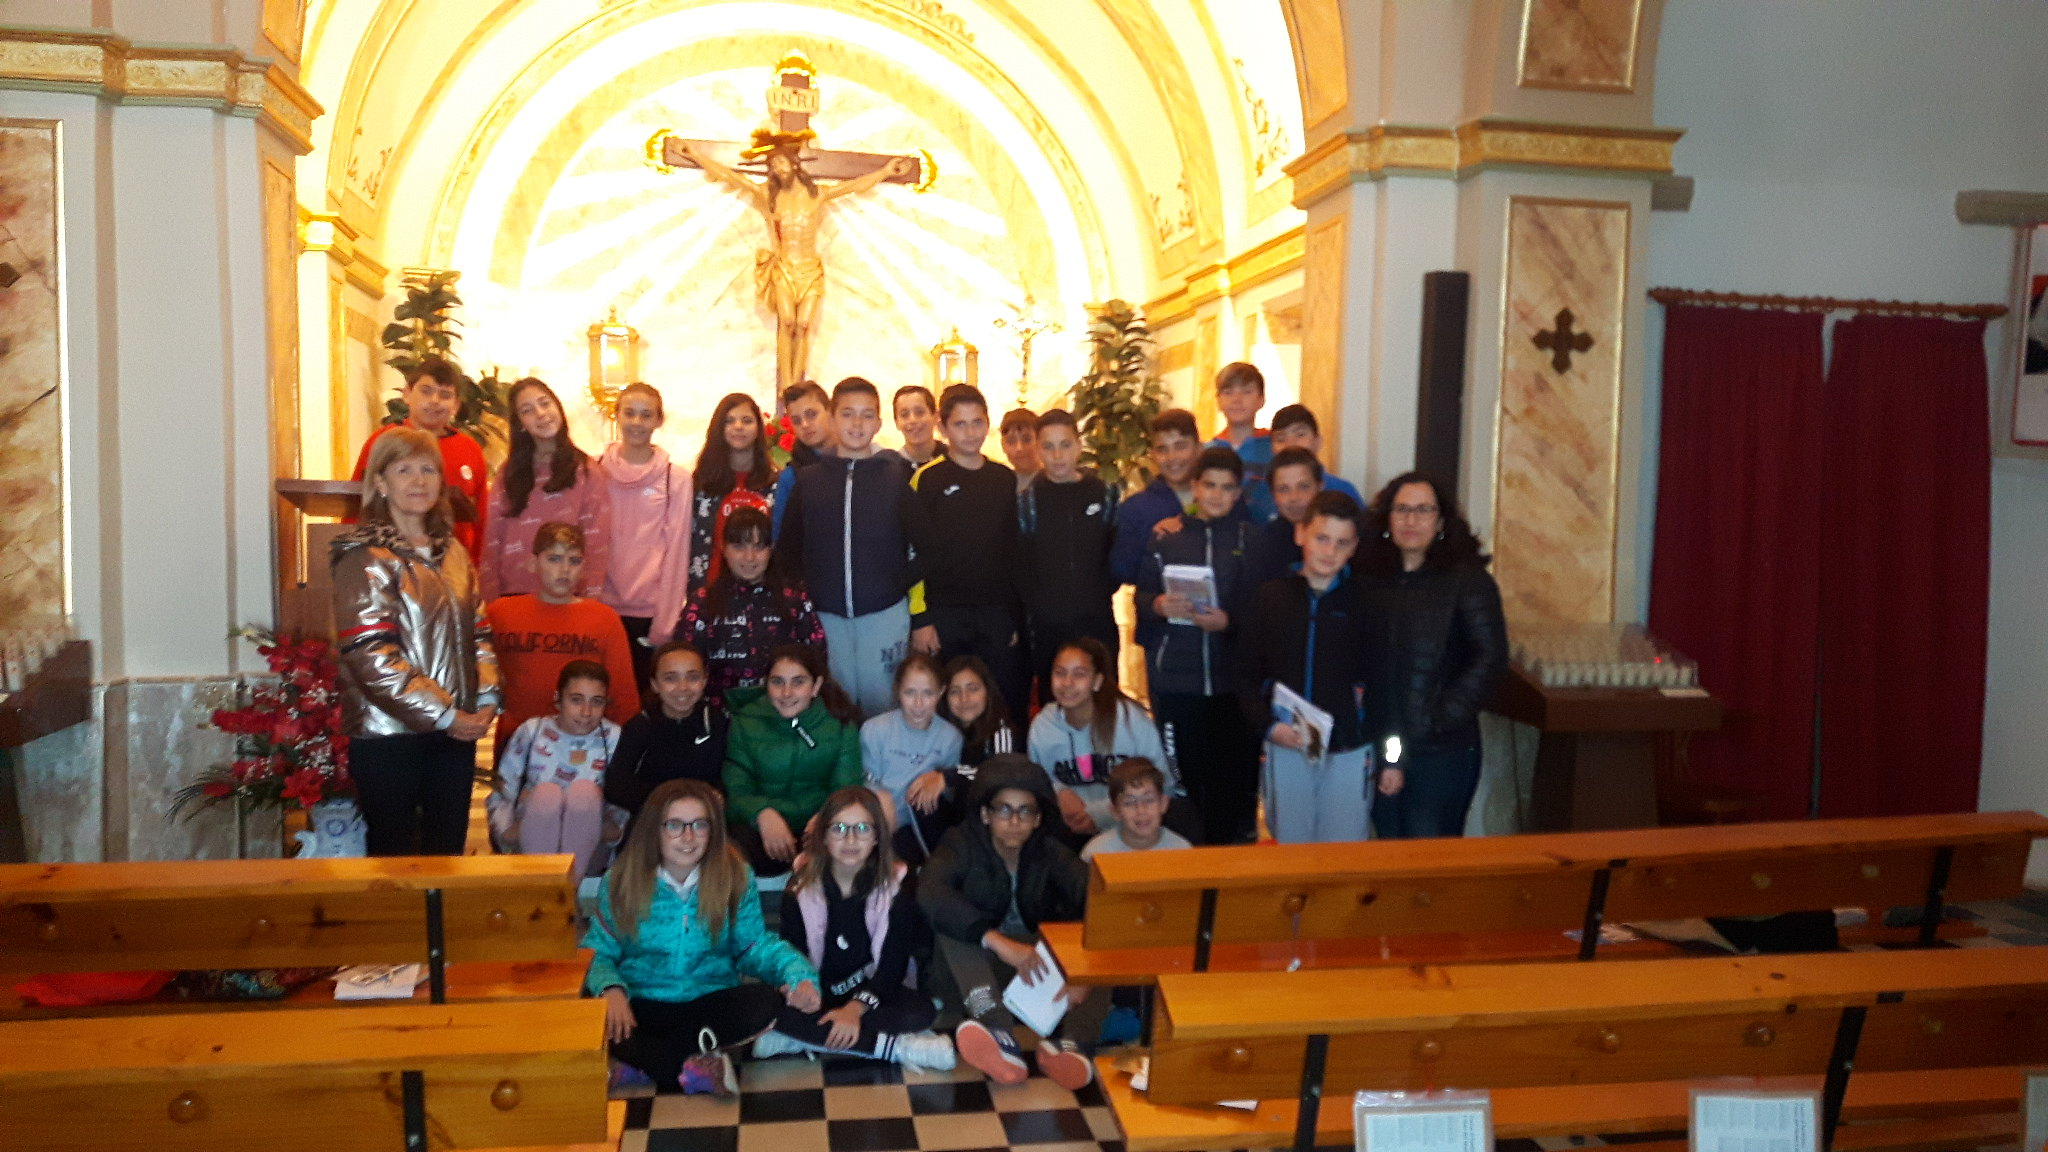 (2019-04-11) Visita ermita alumnos Pilar - 6 primaria -  9 de Octubre - María Isabel Berenguer (03)